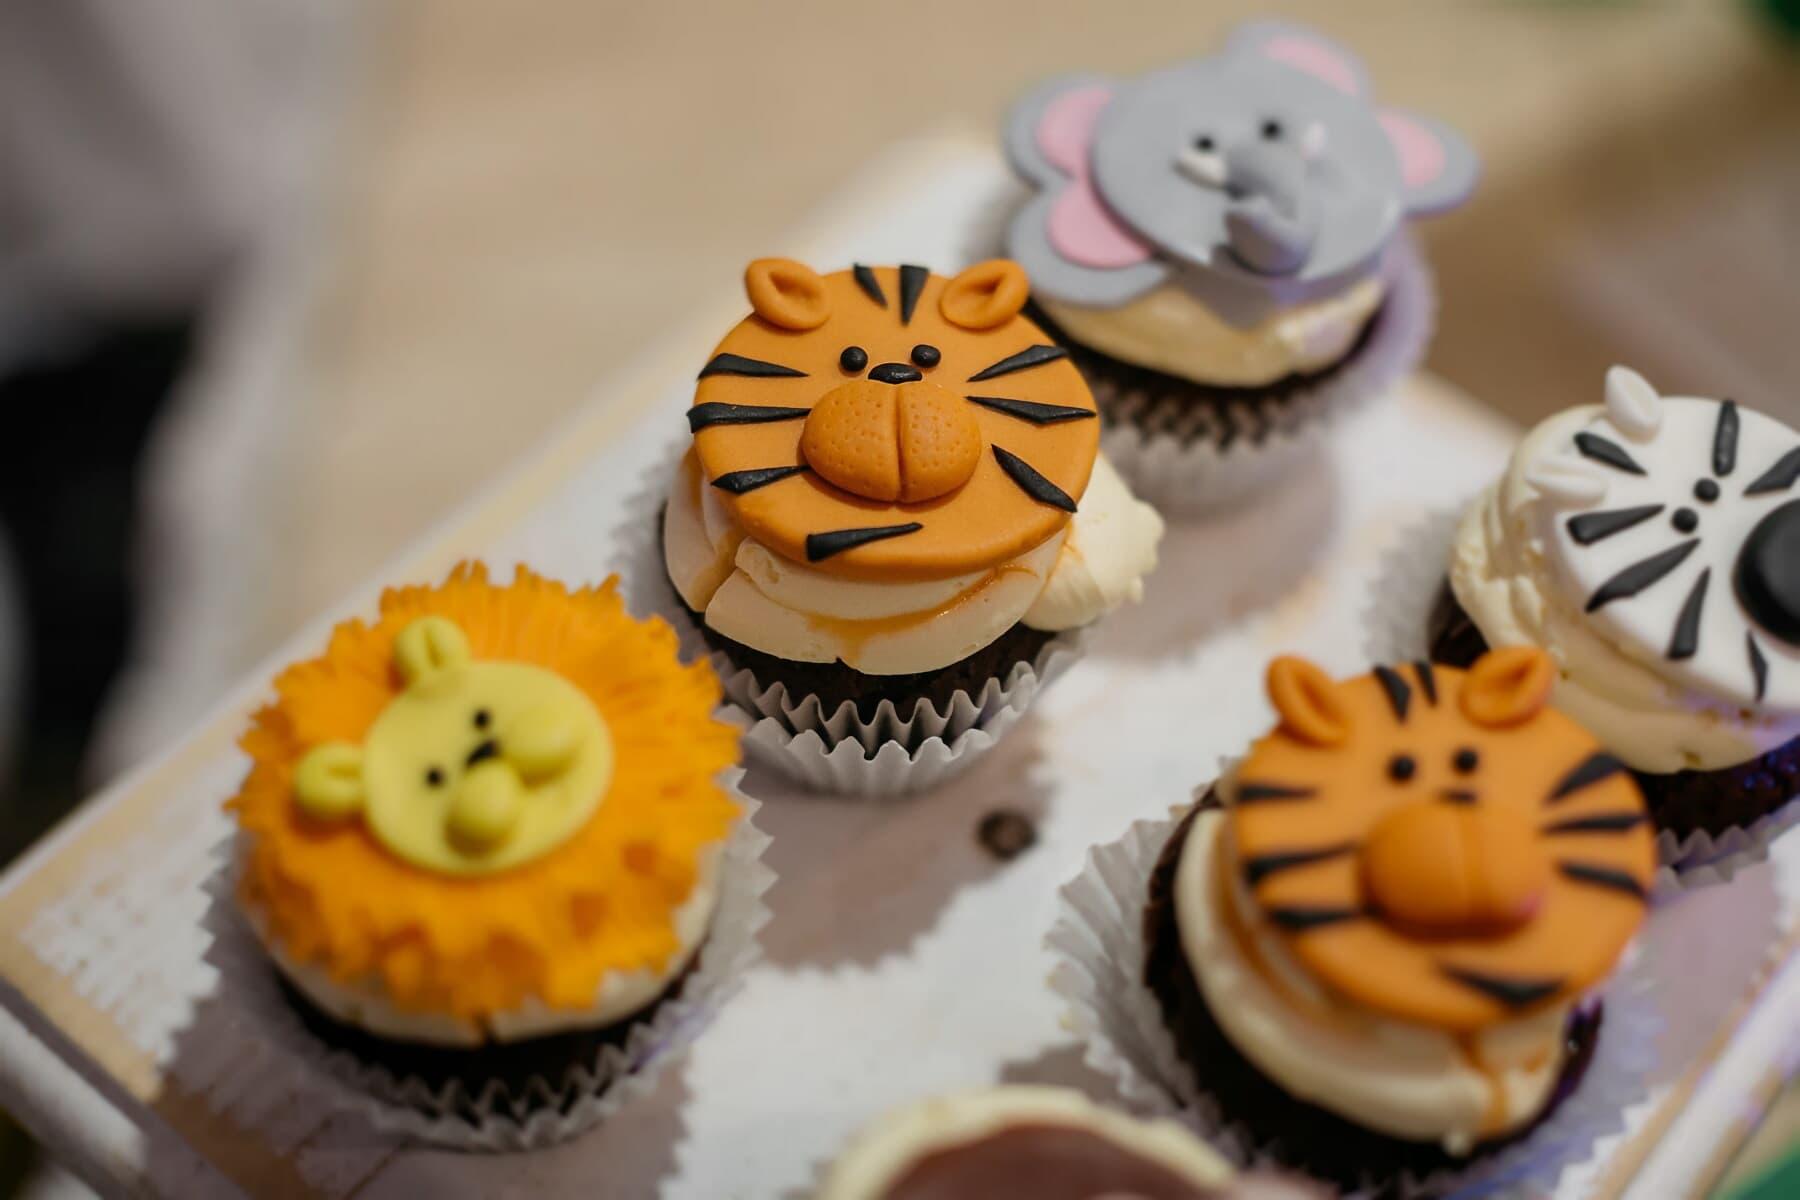 день рождения, кекс, украшения, партия, животные, тигр, смешно, творчество, десерт, блюдо